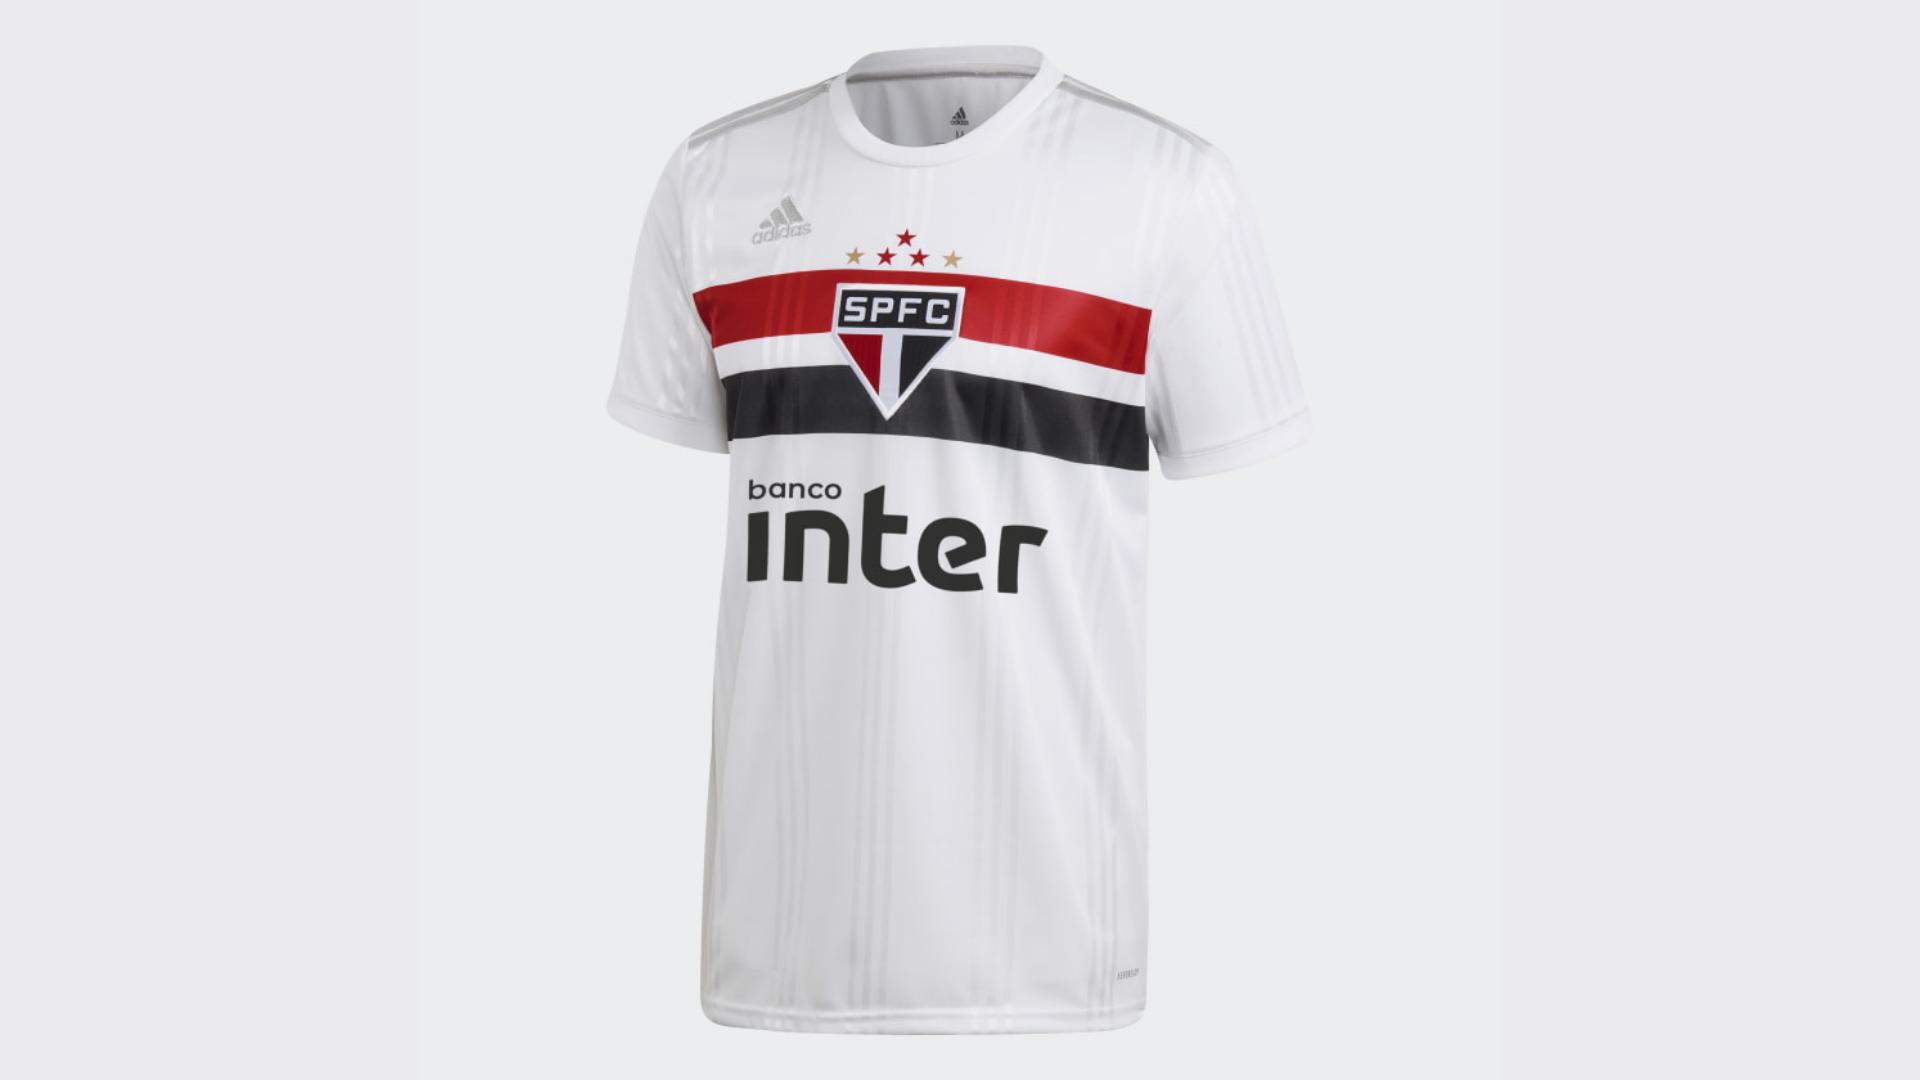 Camisa do São Paulo 2020 Adidas Jogo 1 (Imagem: Divulgação/Adidas)